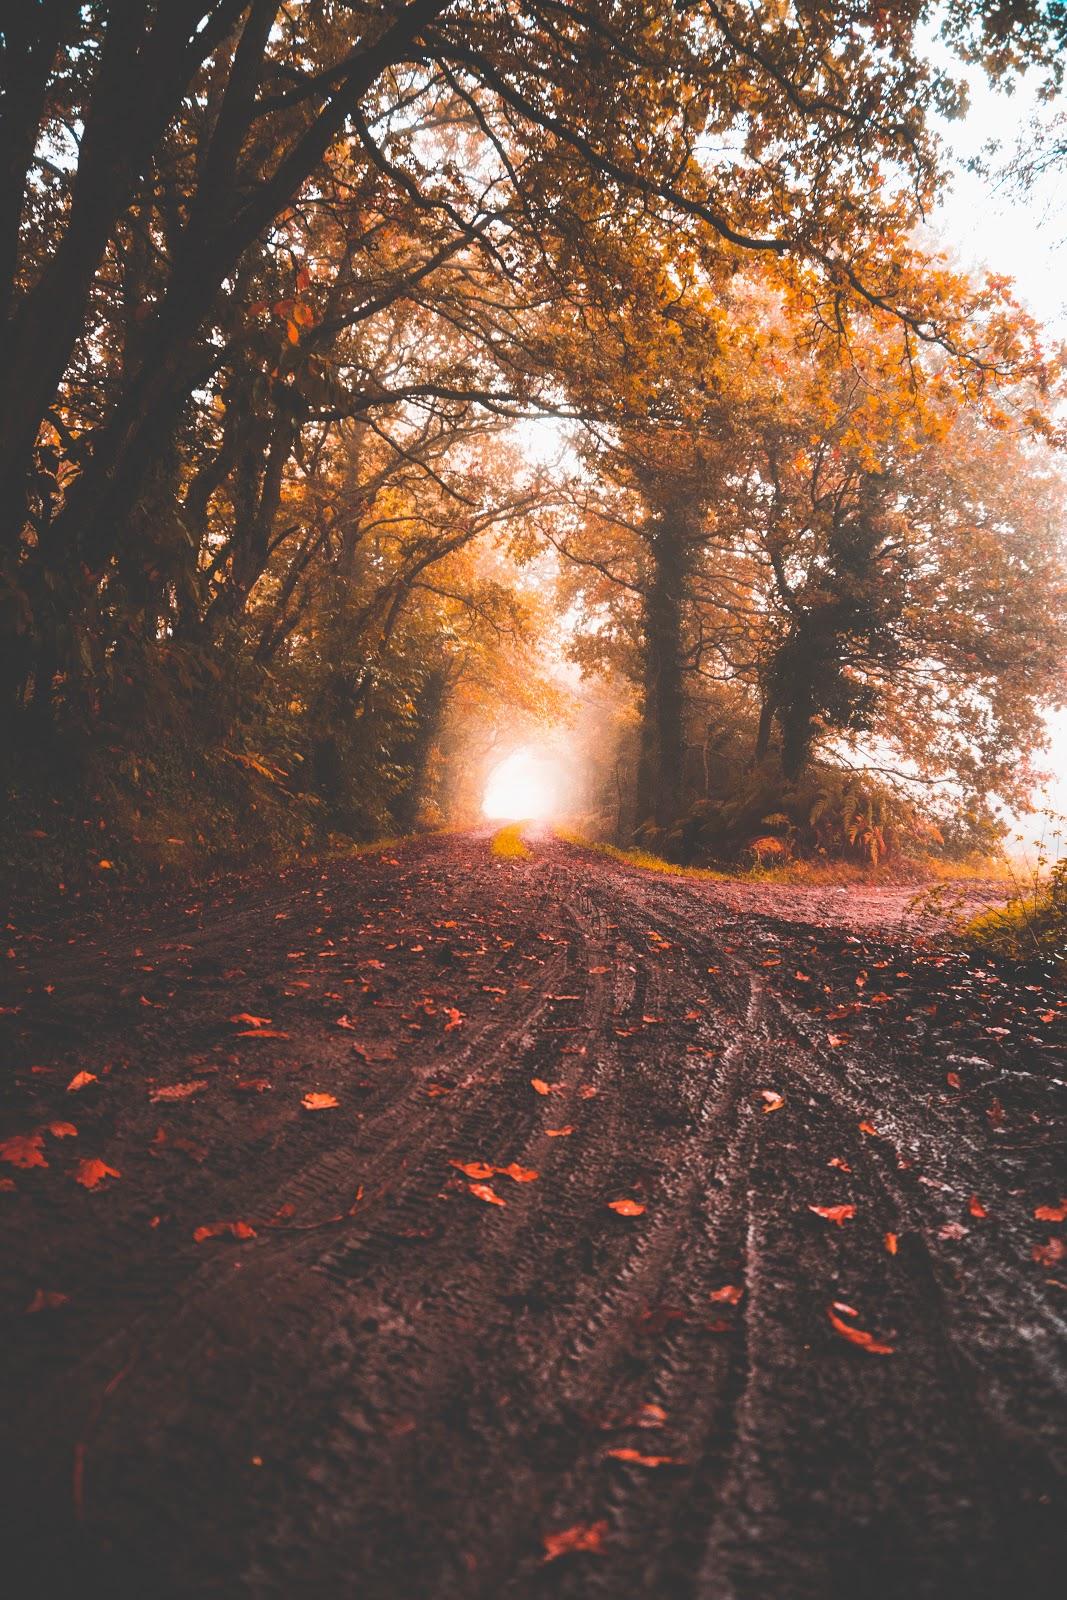 Jakie Kolory nosić jesienią? Leśna droga otoczona skrzącymi się kolorami drzewami obsypana czerwonymi liśćmi